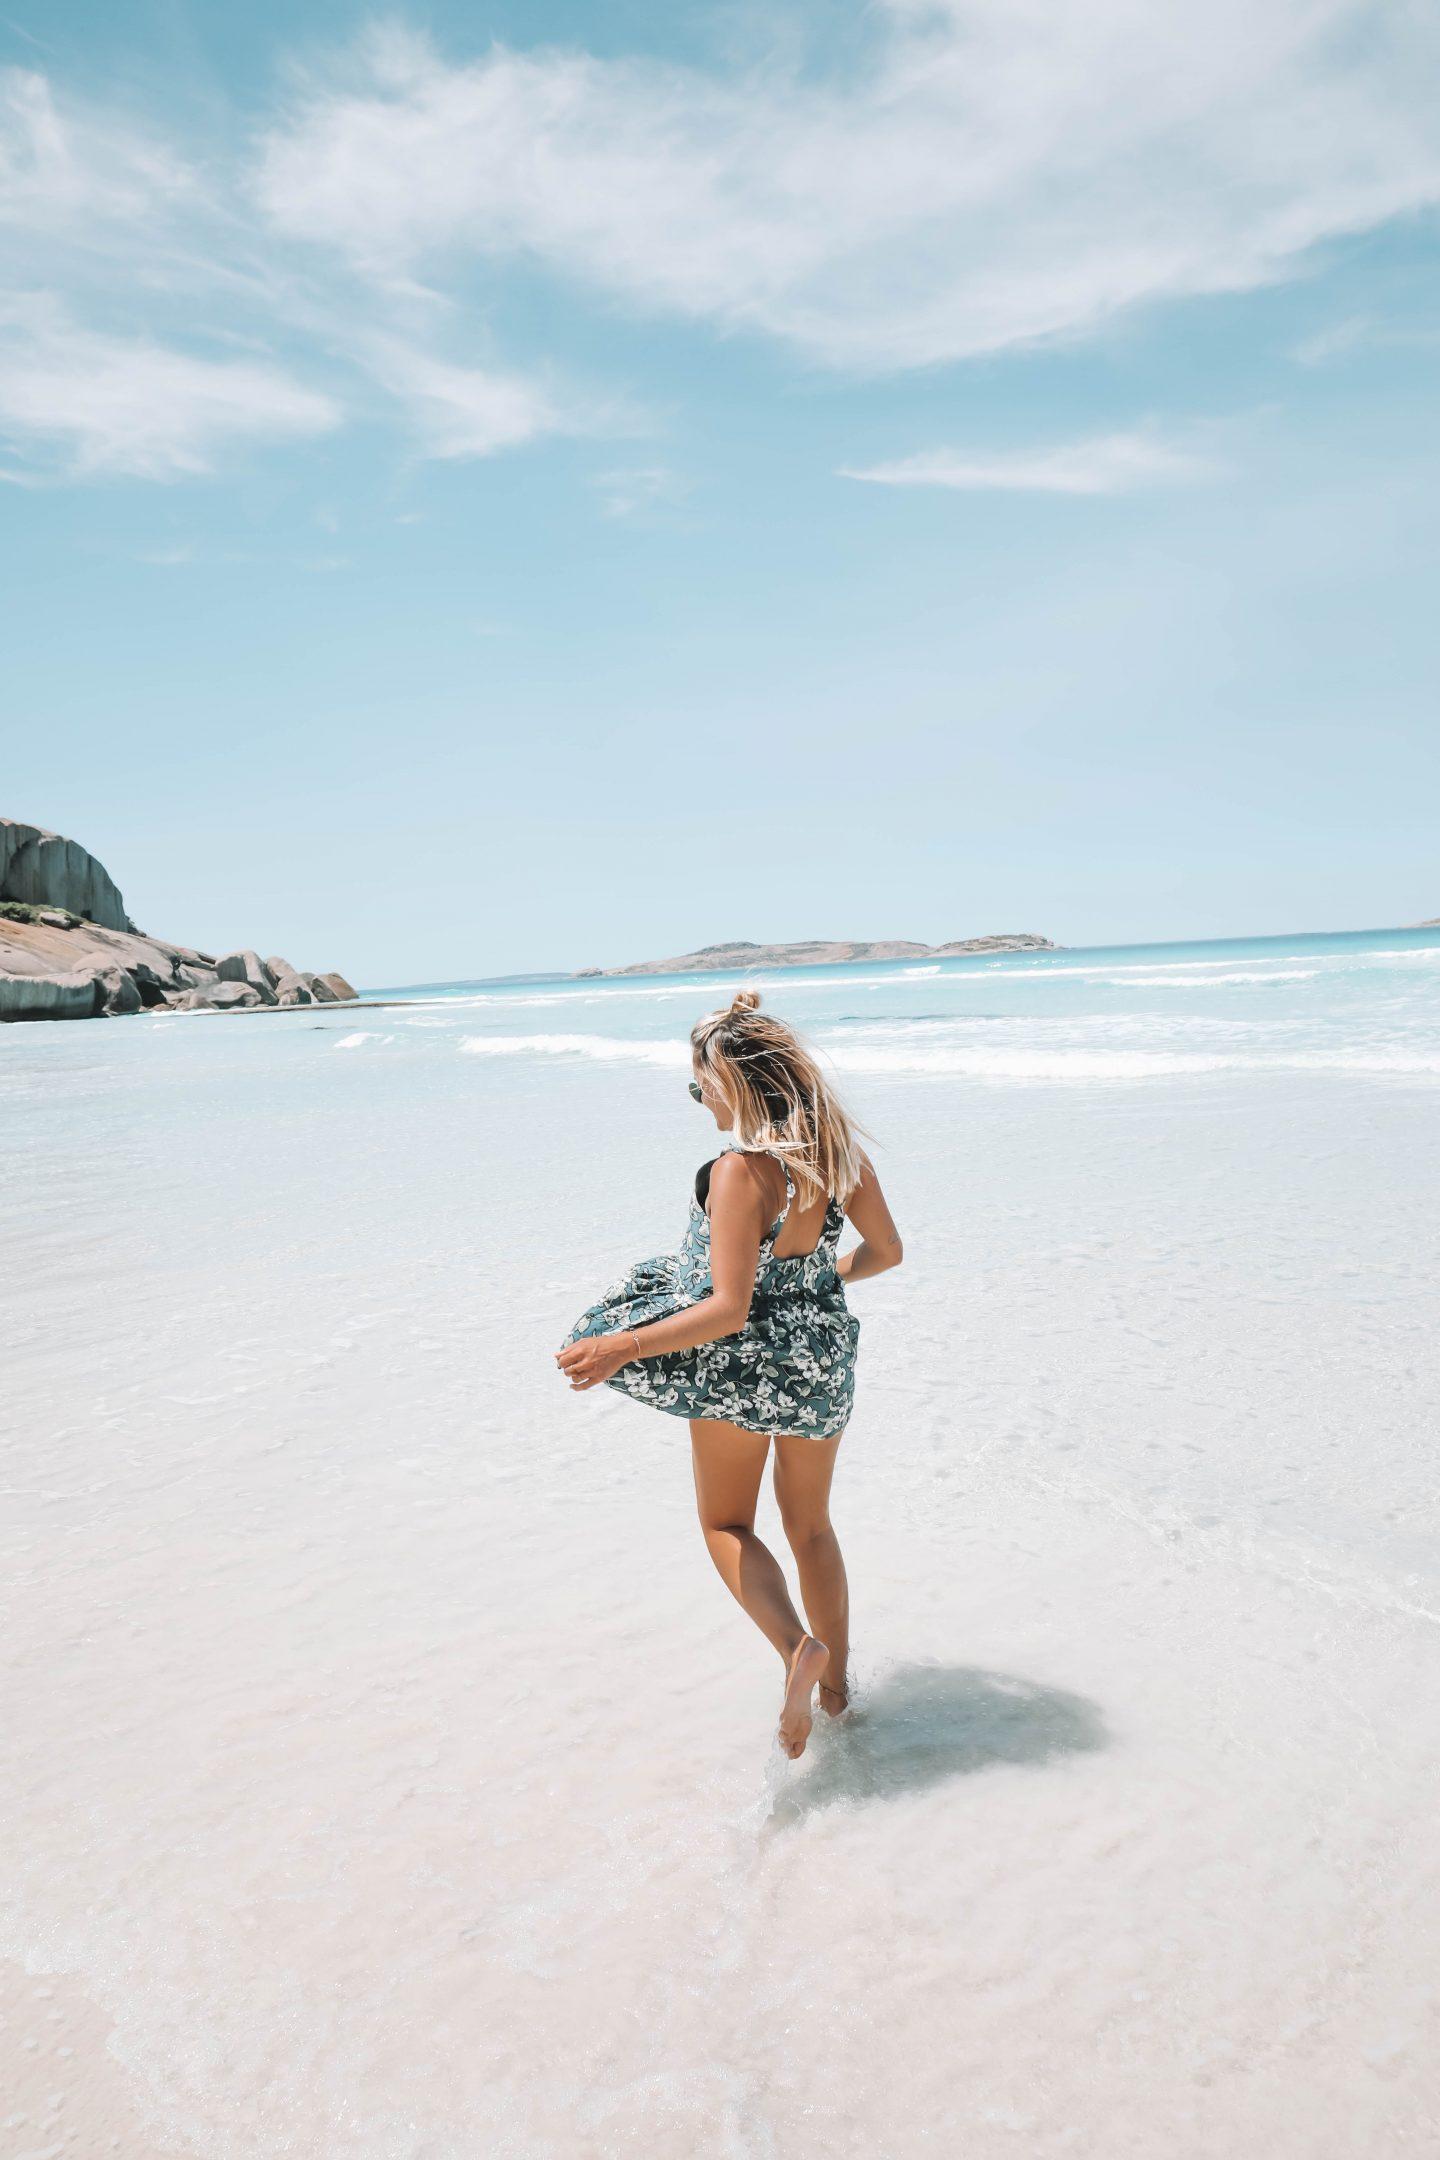 Permis Vacances Travail Australie - Blondie baby blog voyage et mode